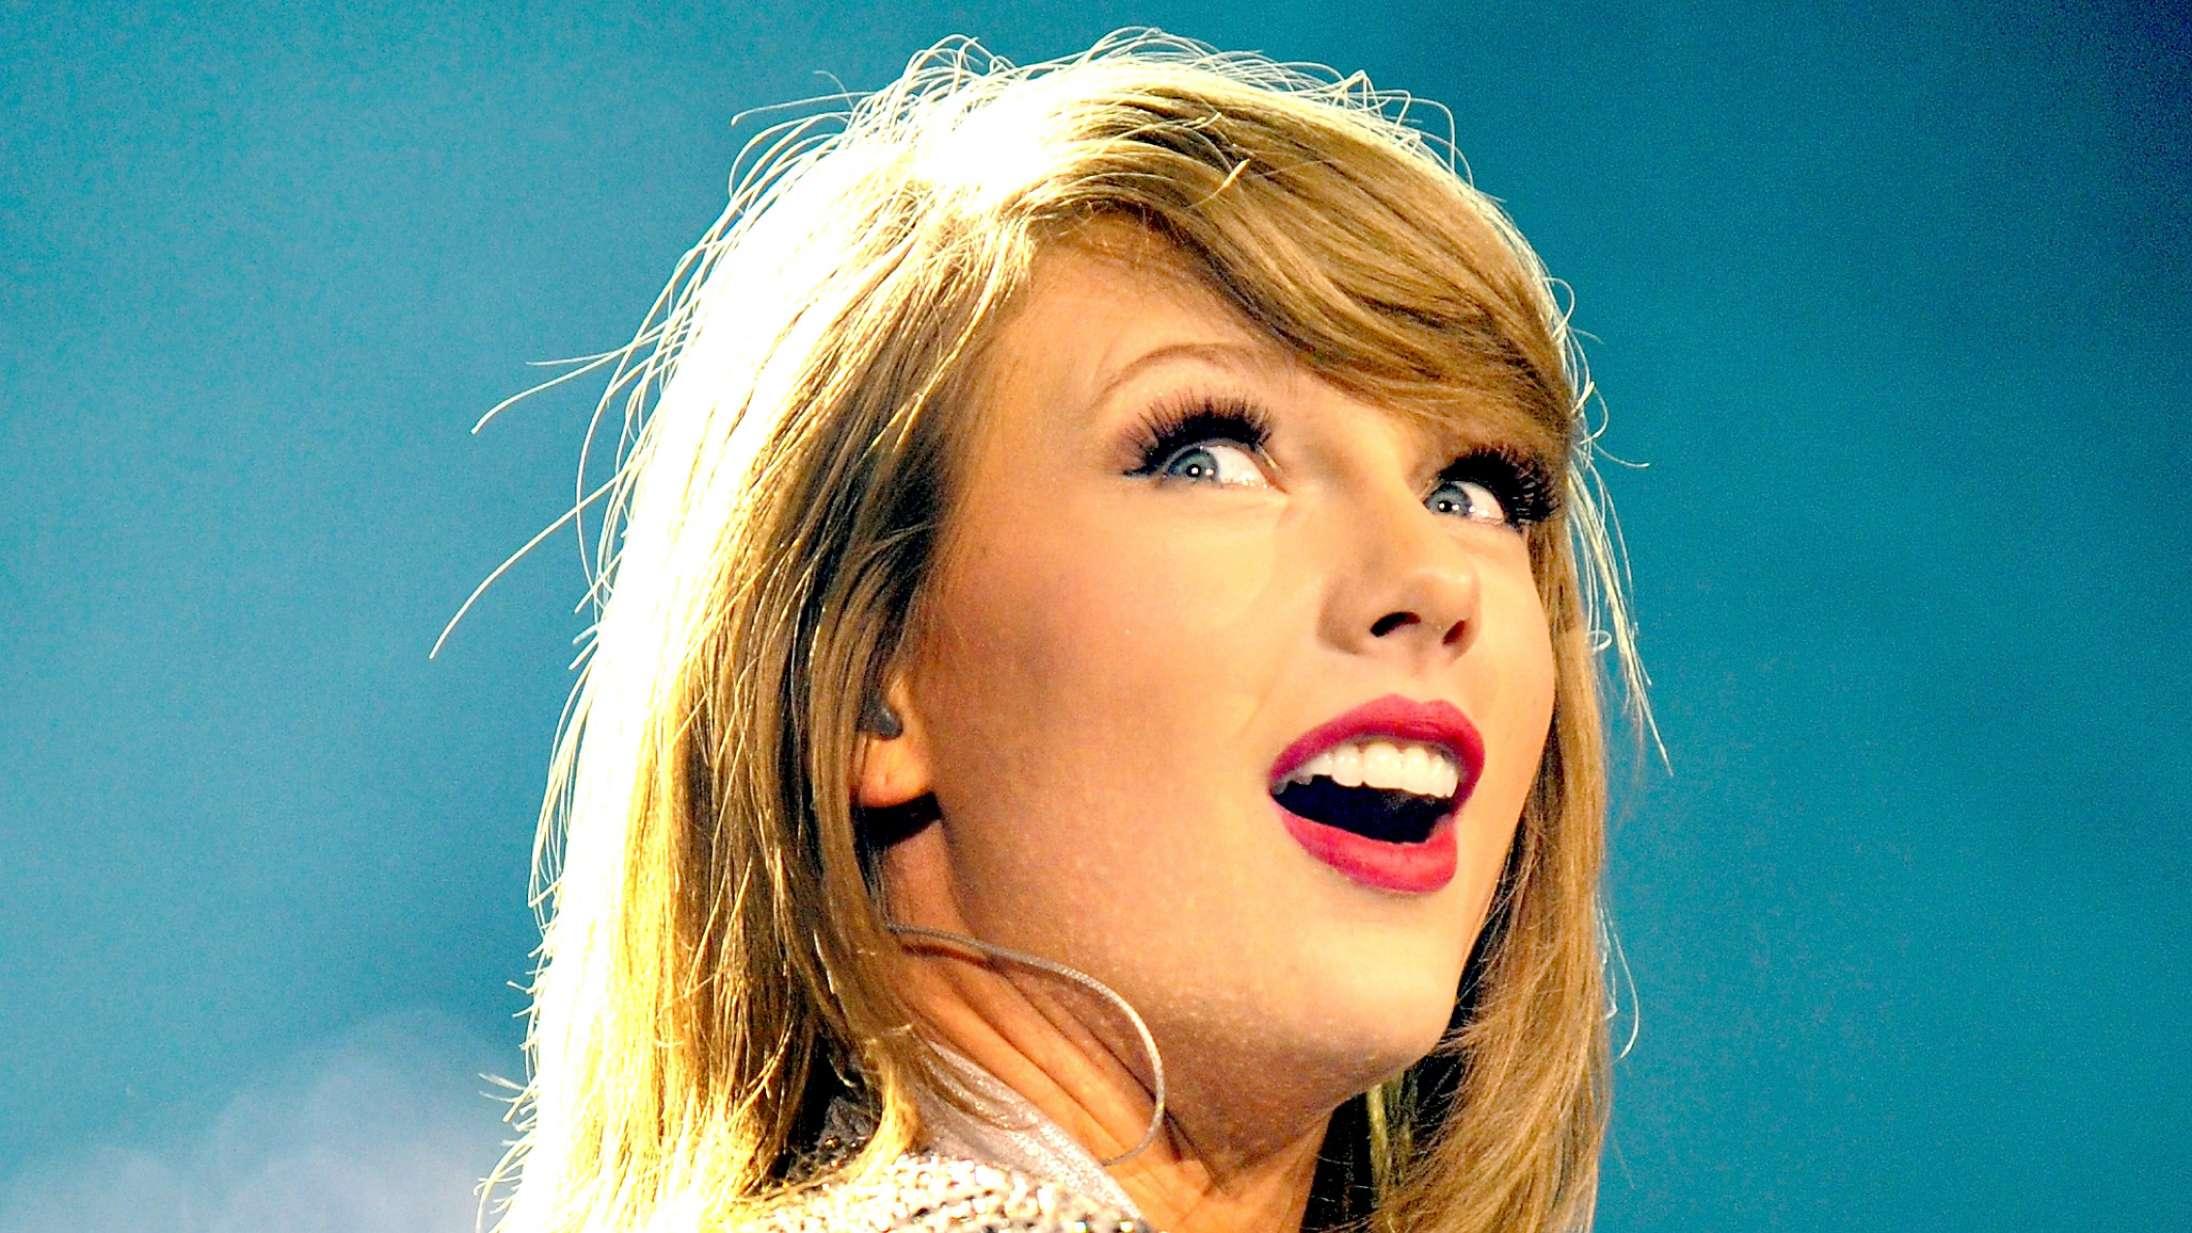 Ny Taylor Swift-dokumentar på trapperne: 'Miss Americana'